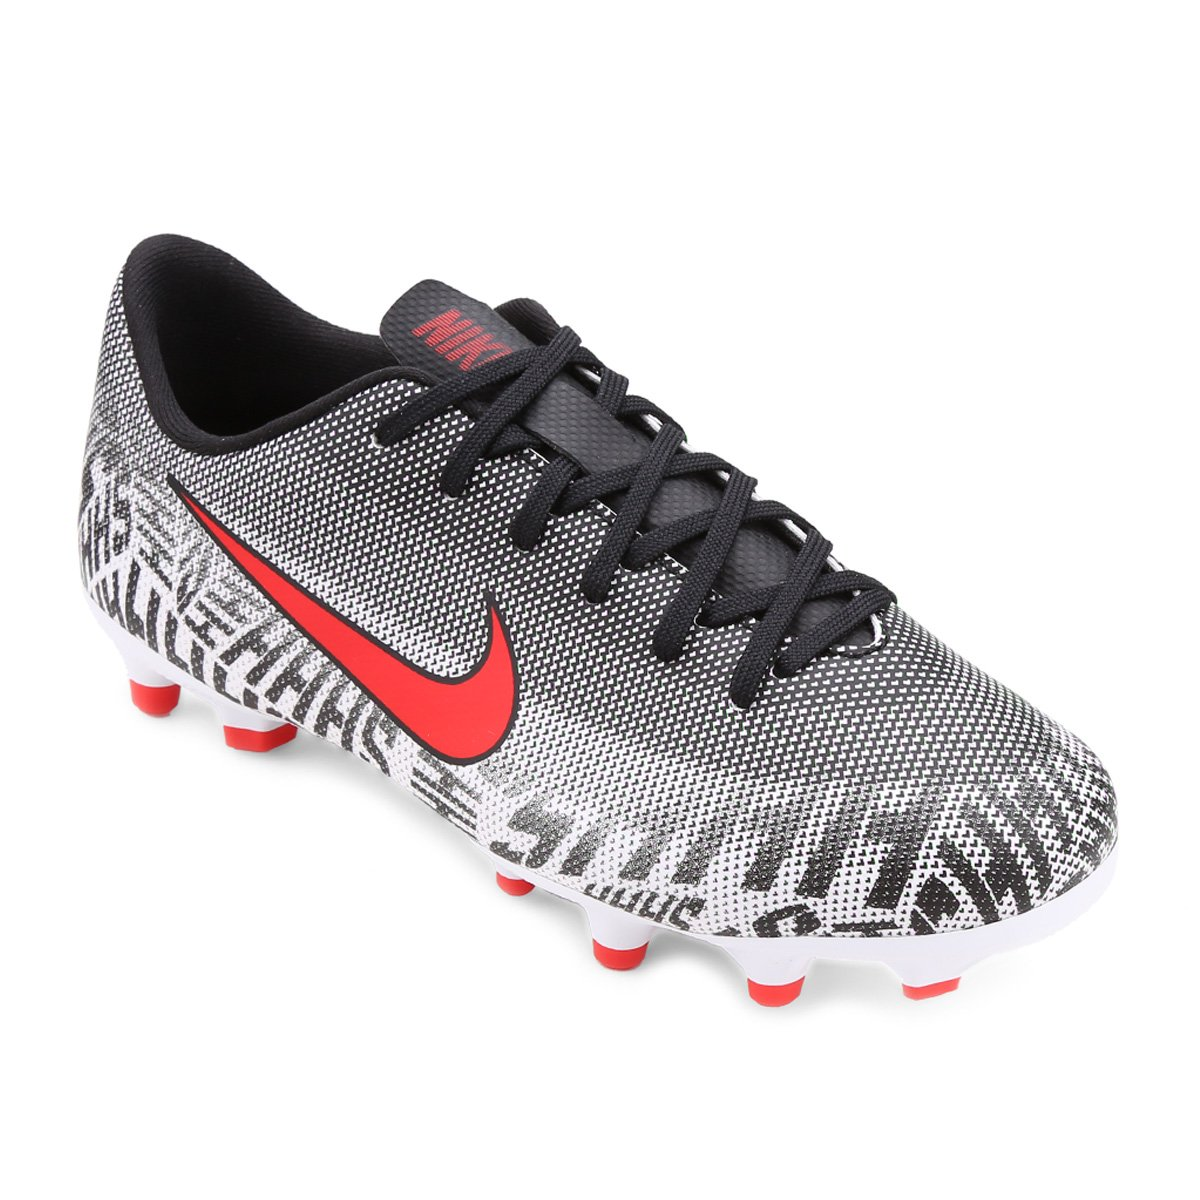 b3353855faac8 Chuteira Campo Infantil Nike Mercurial Vapor 12 Academy Gs Neymar Jr FG -  Branco e Vermelho - Compre Agora